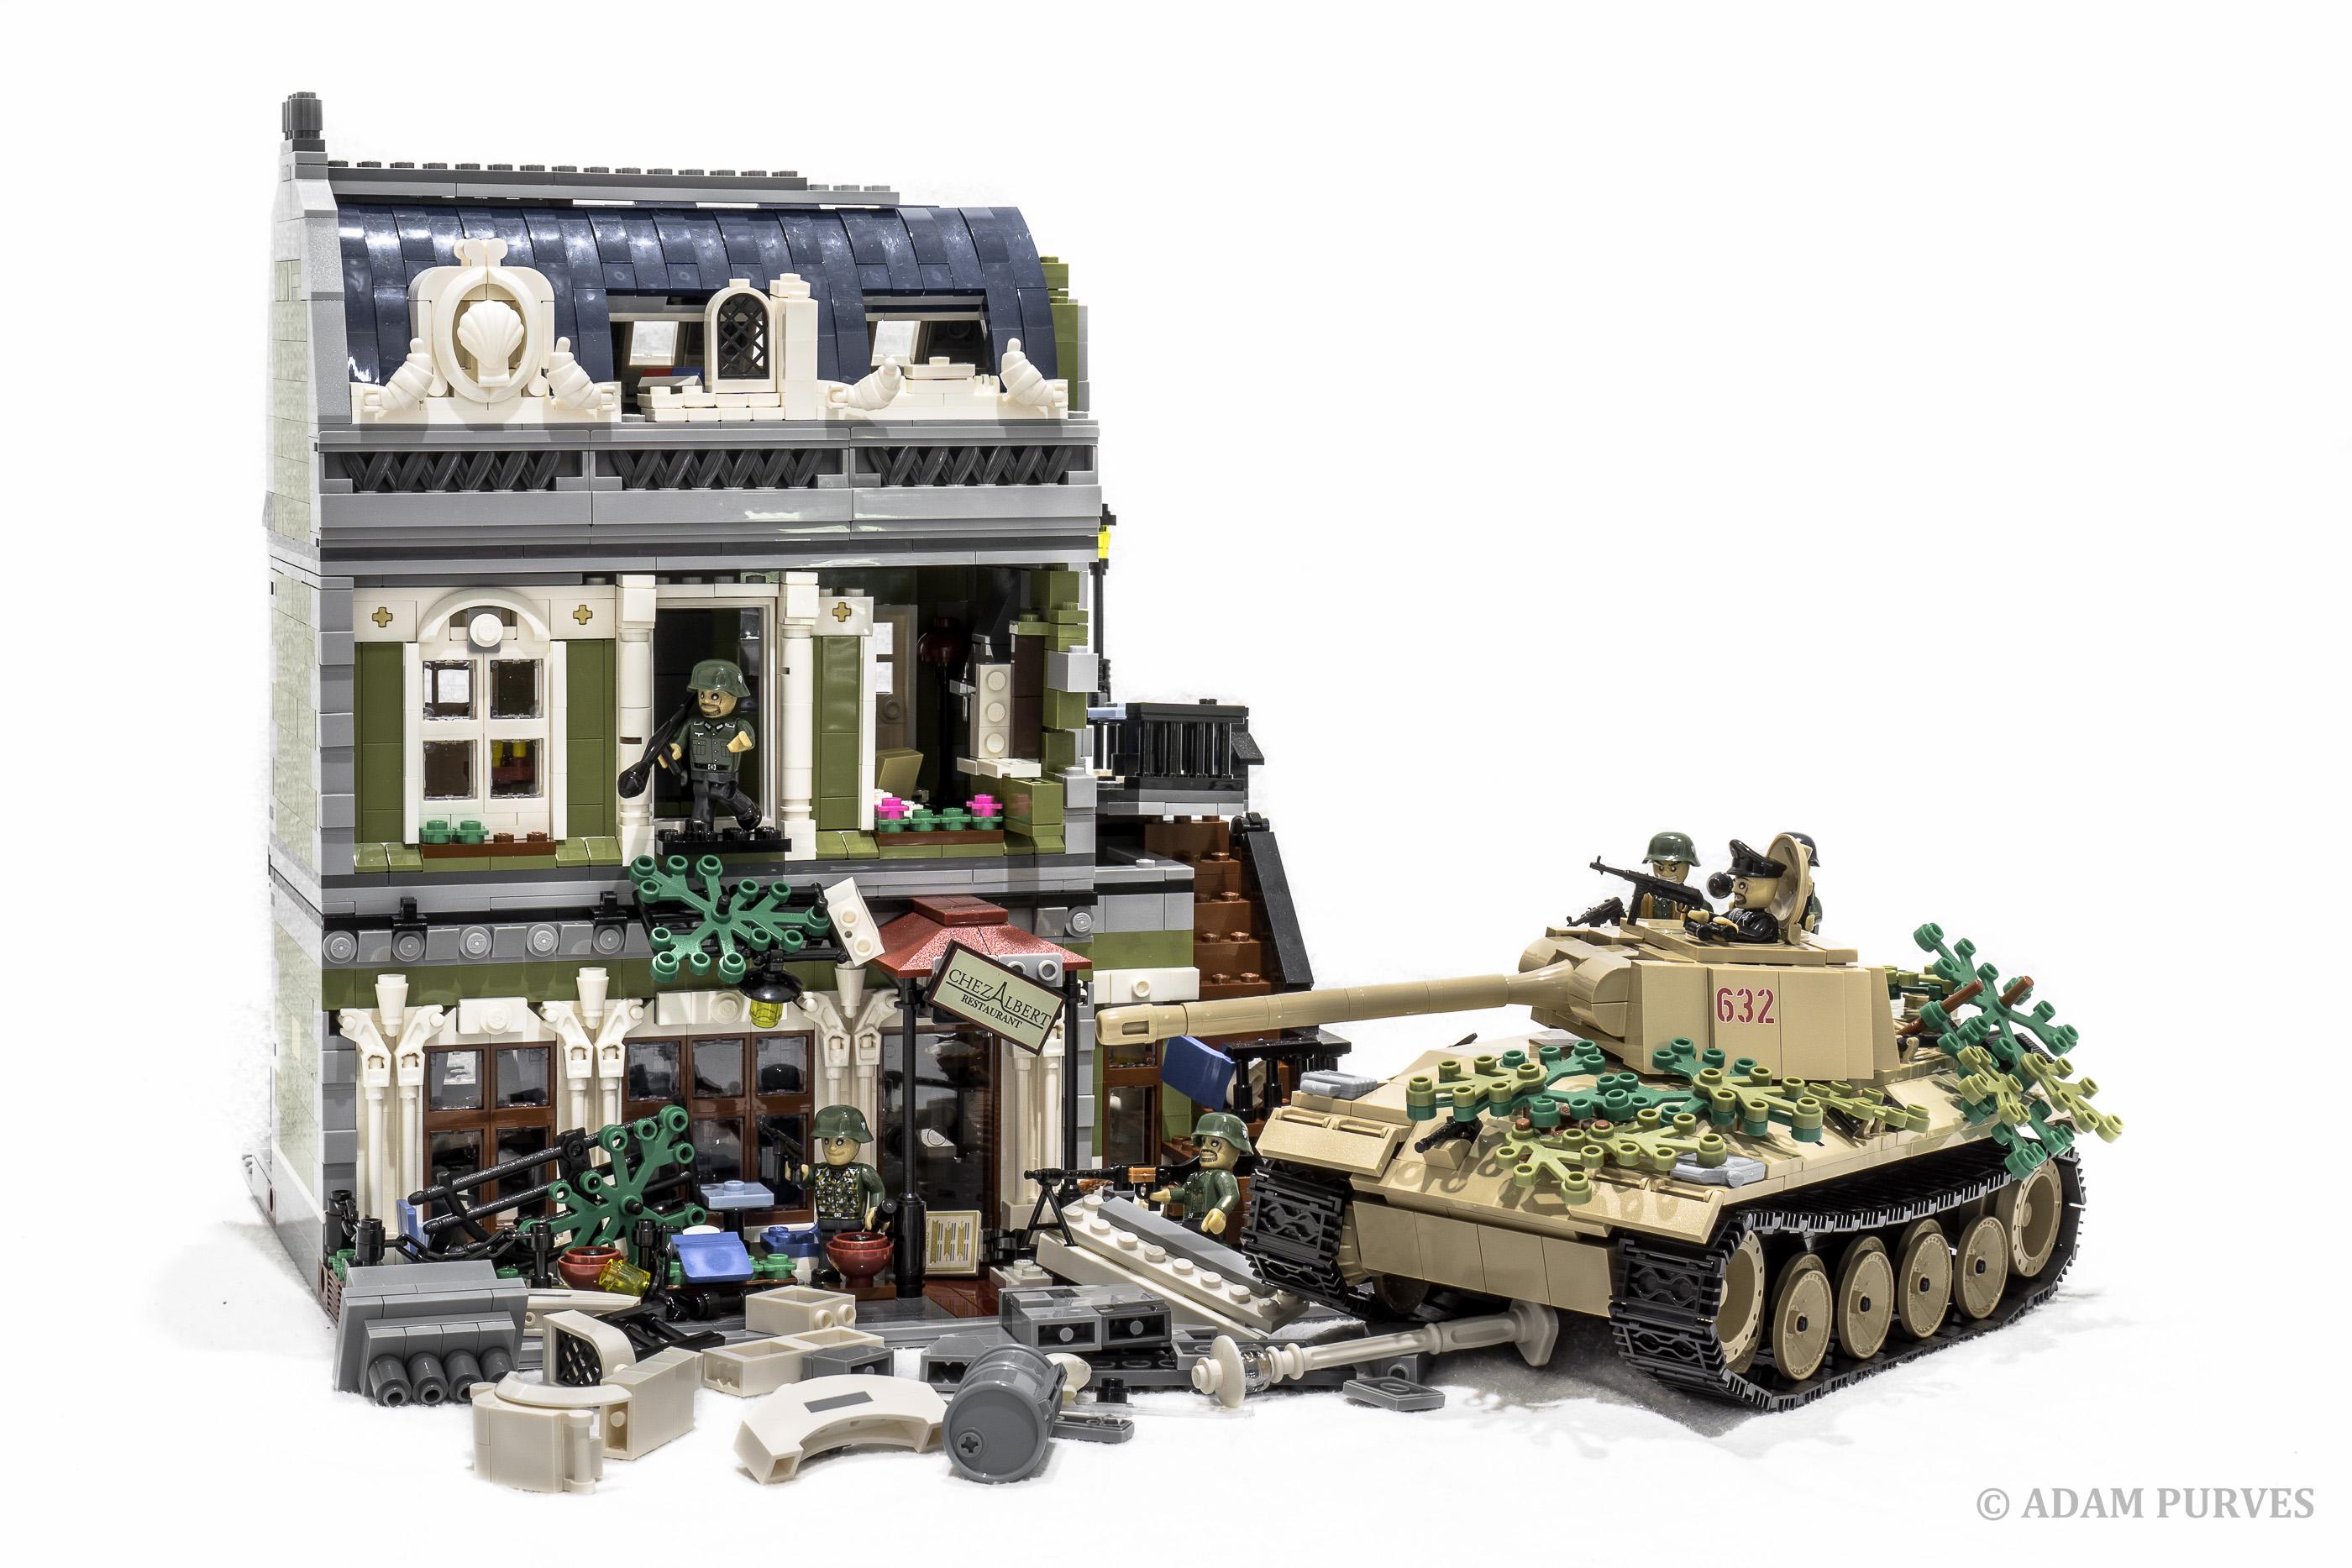 fond d 39 cran b timent briques r servoir lego histoire militaire france jouet allemand. Black Bedroom Furniture Sets. Home Design Ideas